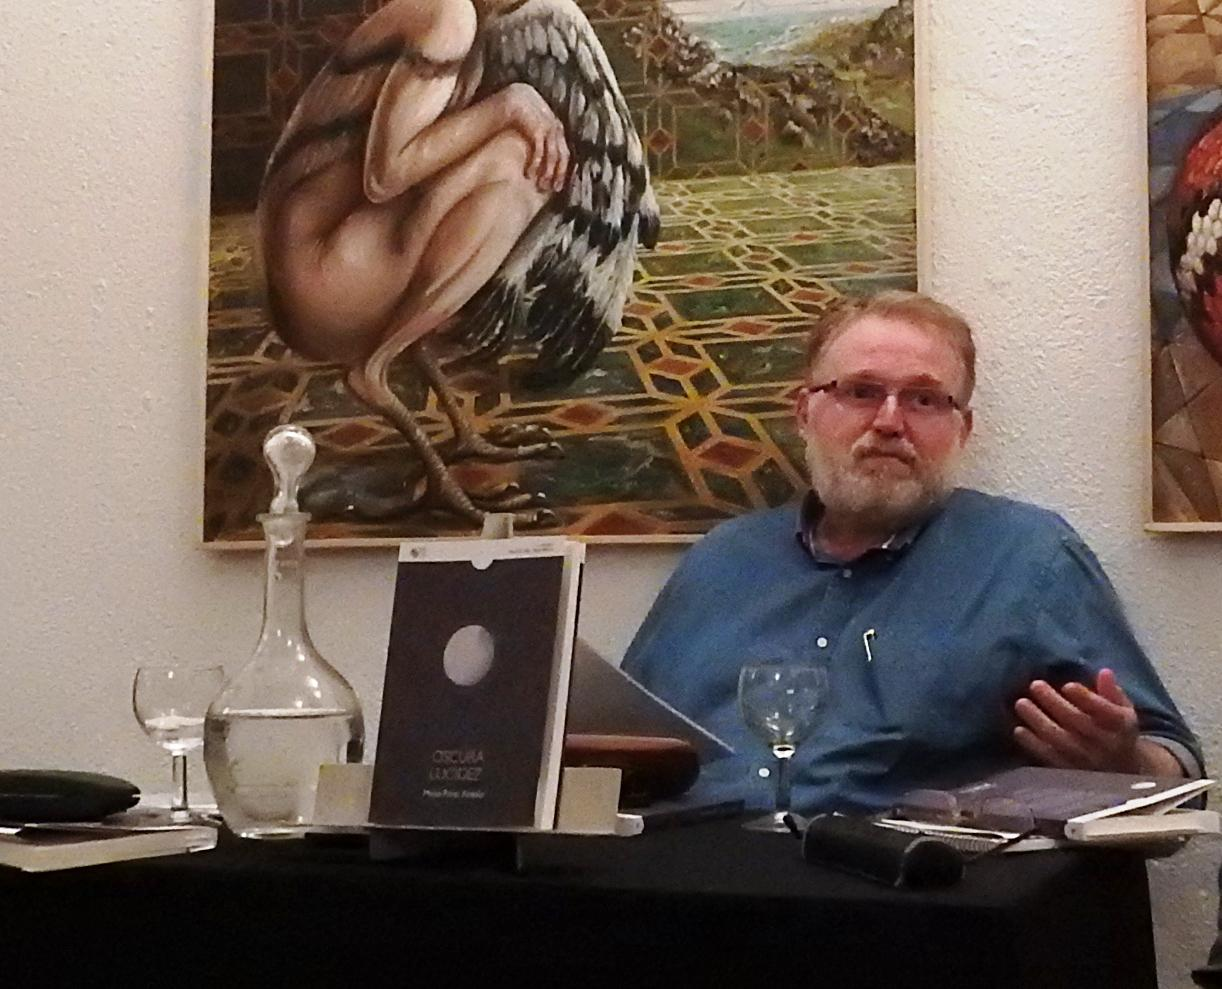 Mario Pérez Antolín participa en el Festival de la Poesía 2016 Abbapalabra Internacional en México